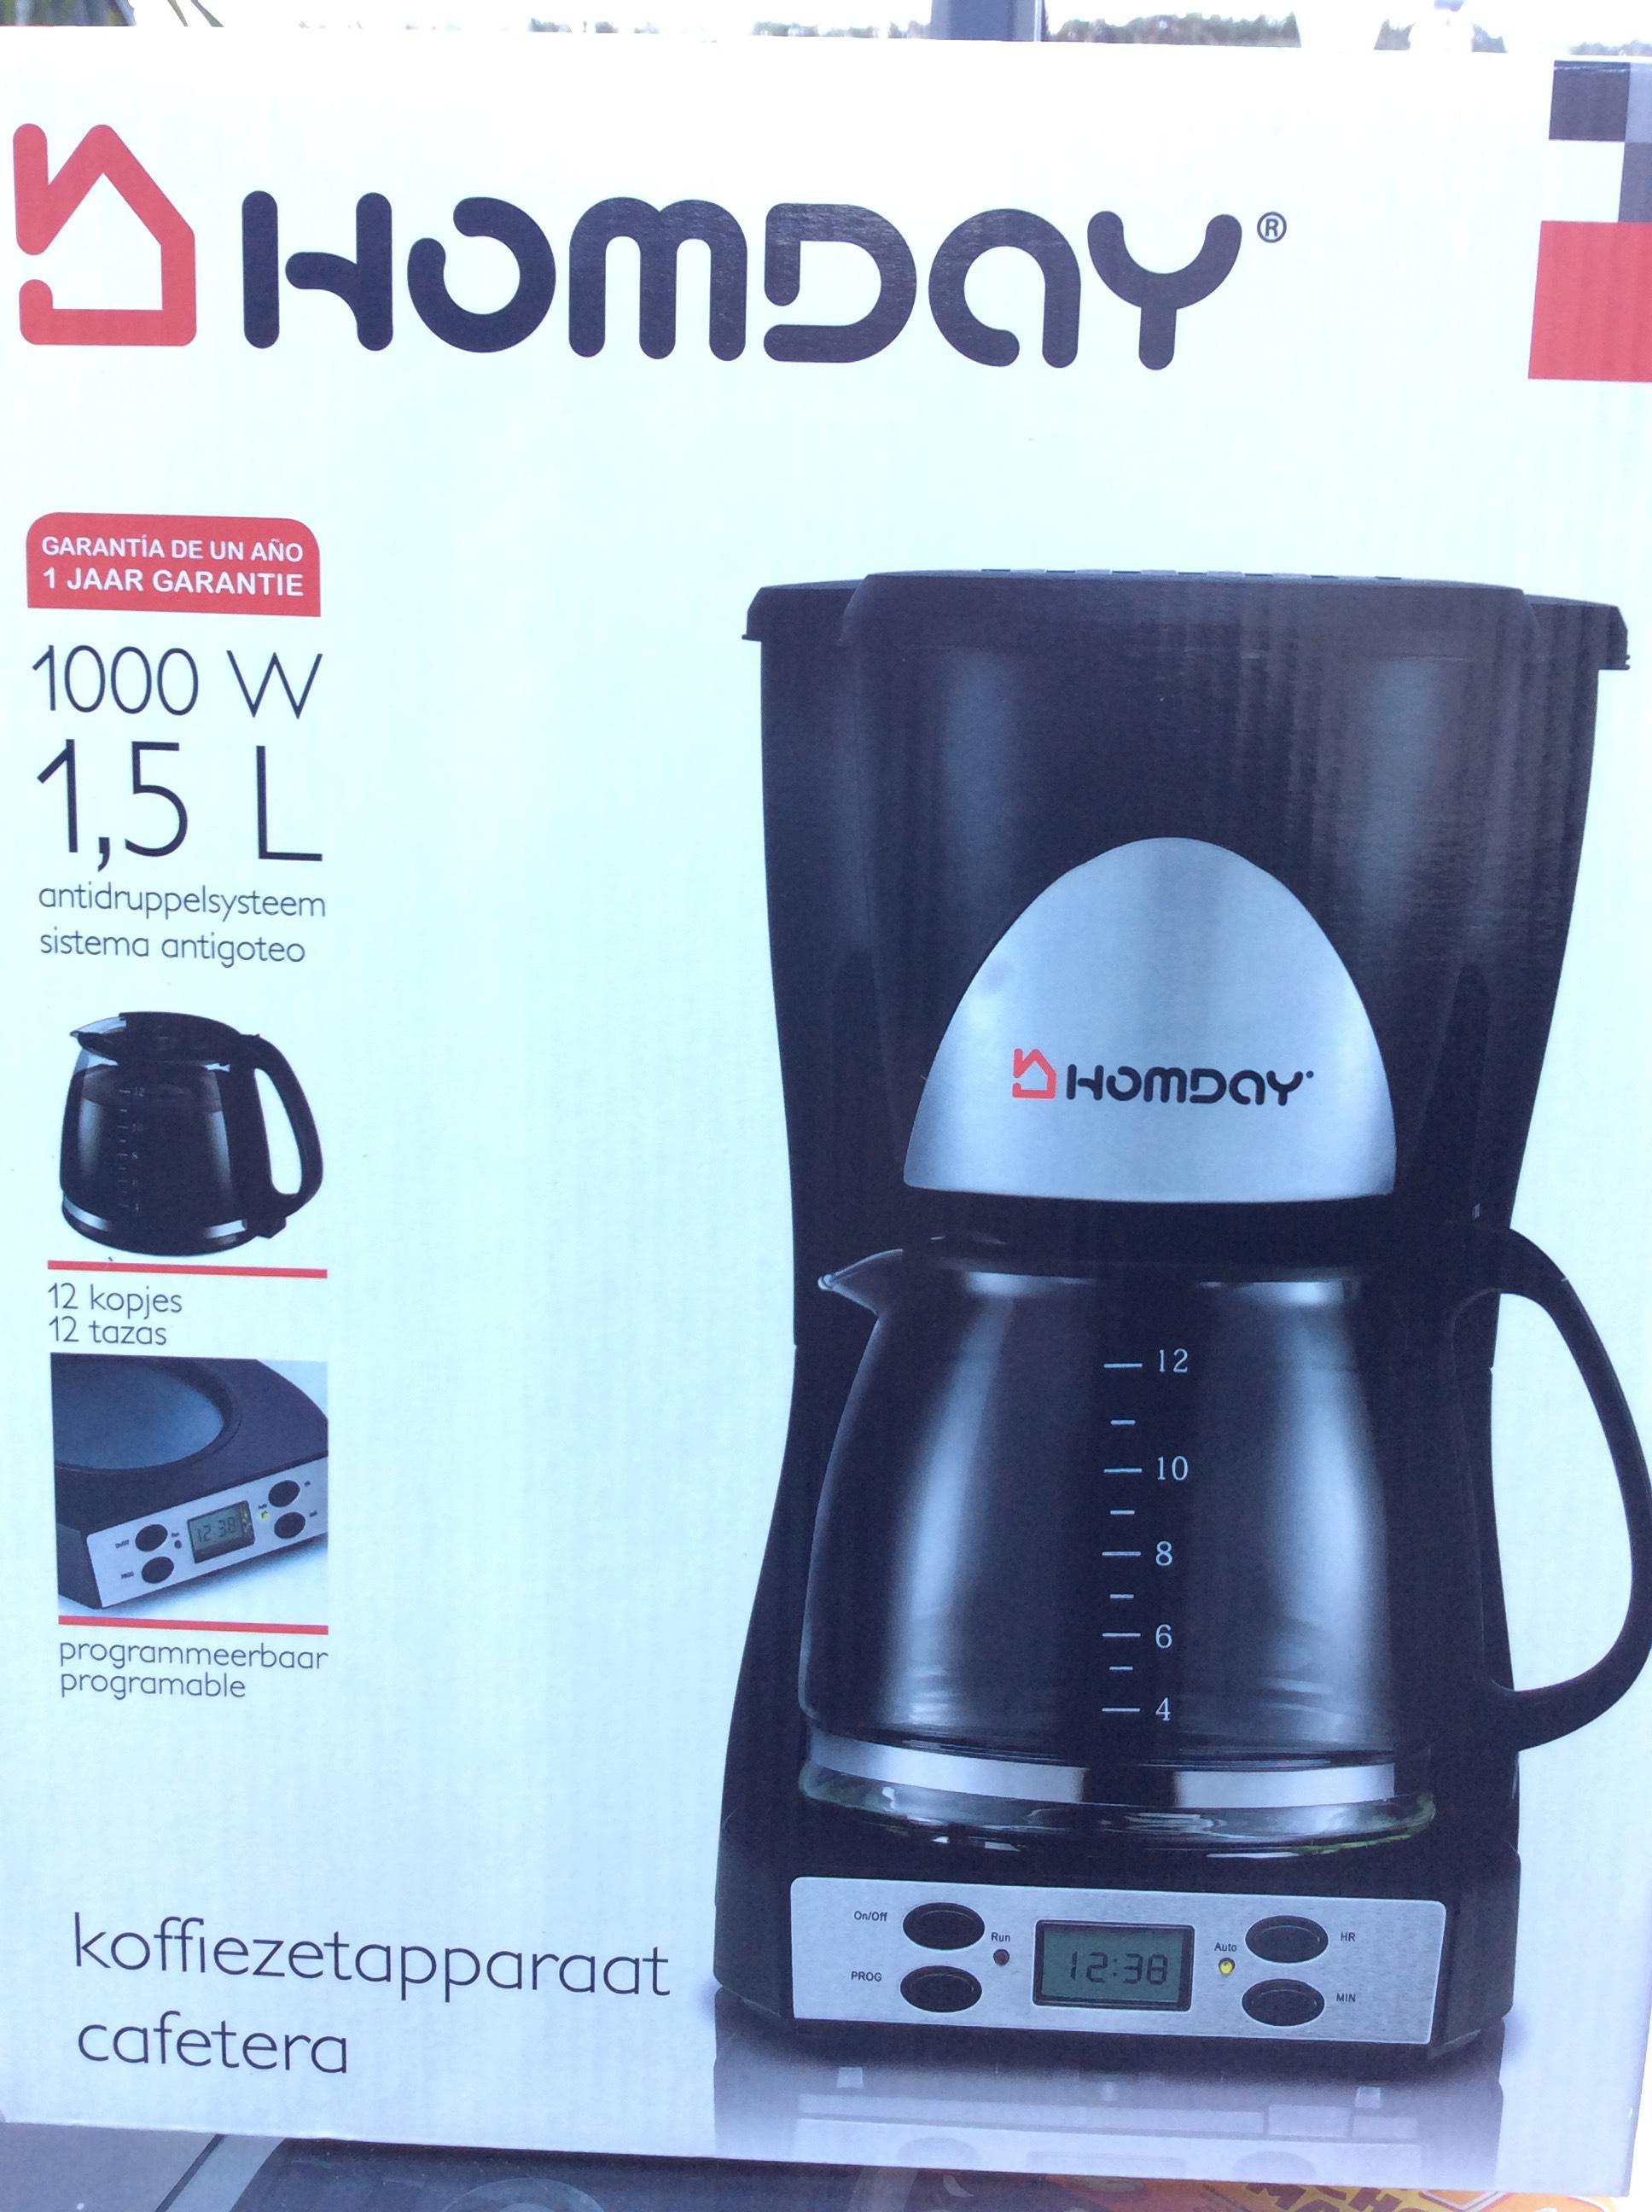 Cafetière électrique programmable Homday 1,5 L - Noir